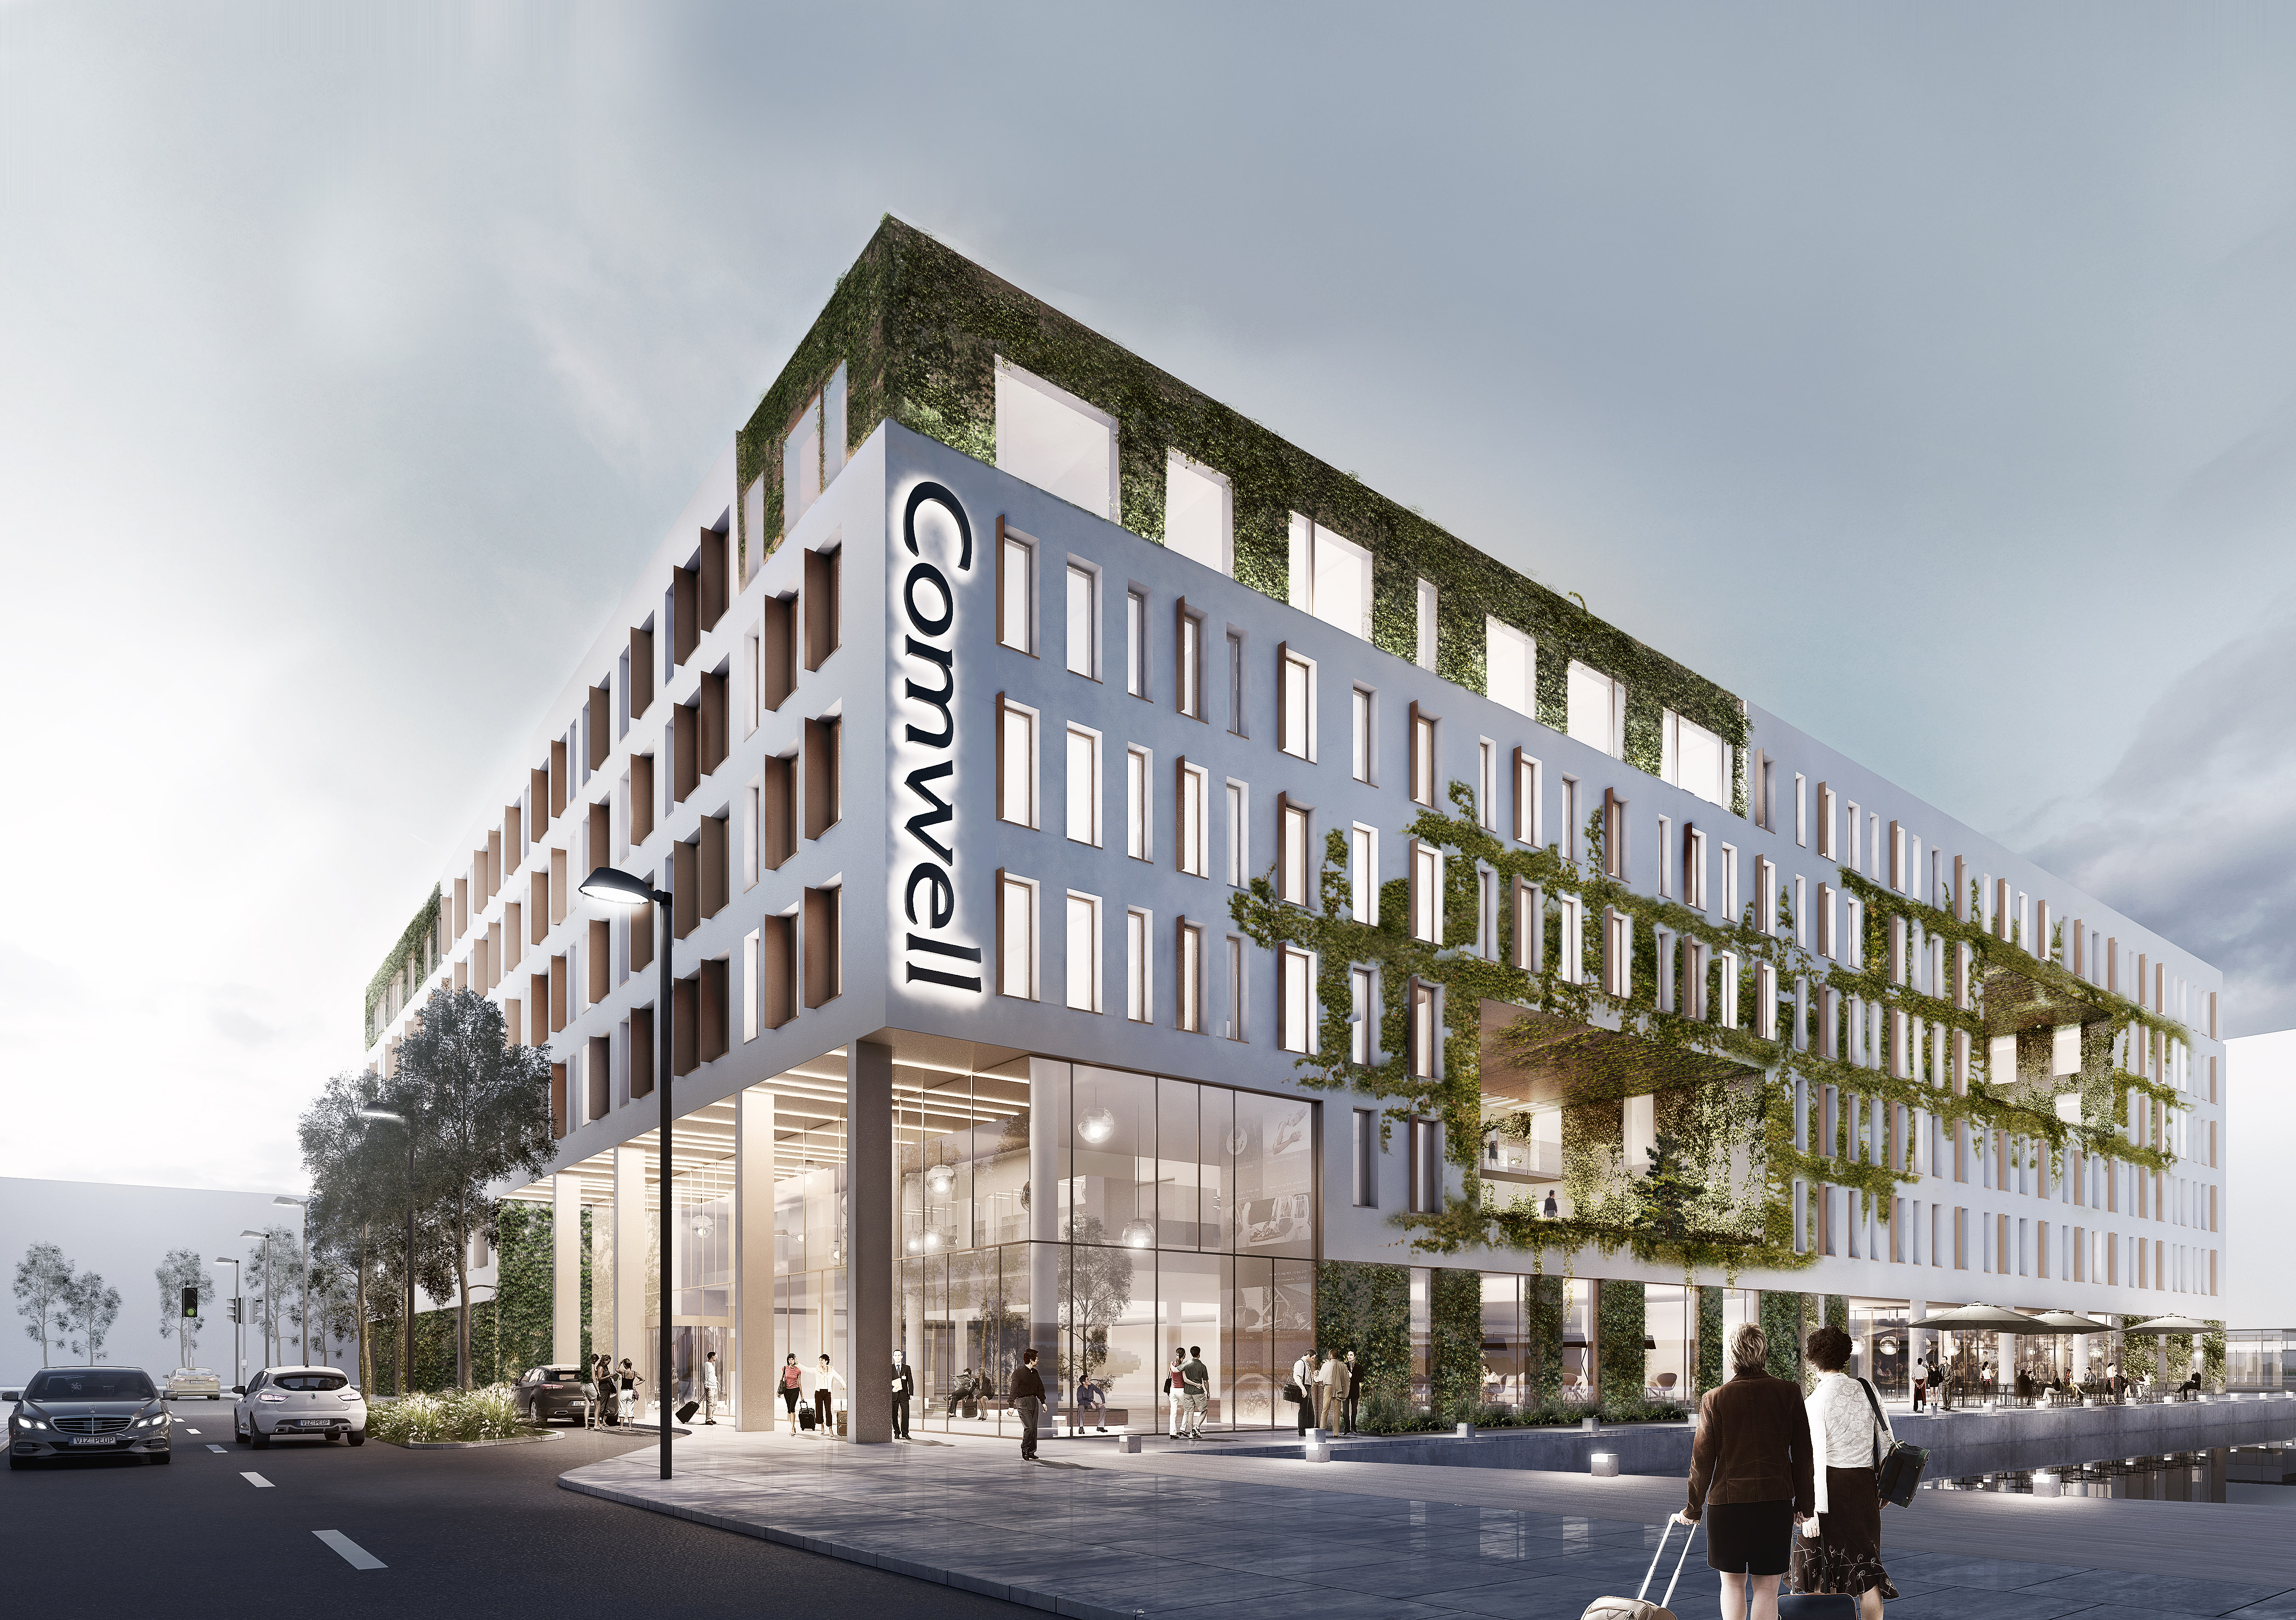 Comwell er på vej med 40 procent flere hotelværelser i Danmark. Kædens største hotel, Comwell Portside, der her er illustreret, åbner i januar 2021 med 484; Comwell Aarhus får indenfor et par år yderligere 198, mens Comwell i Kolding vokser med 120 værelser. Illustration via Comwell fra Arkitema Architects.